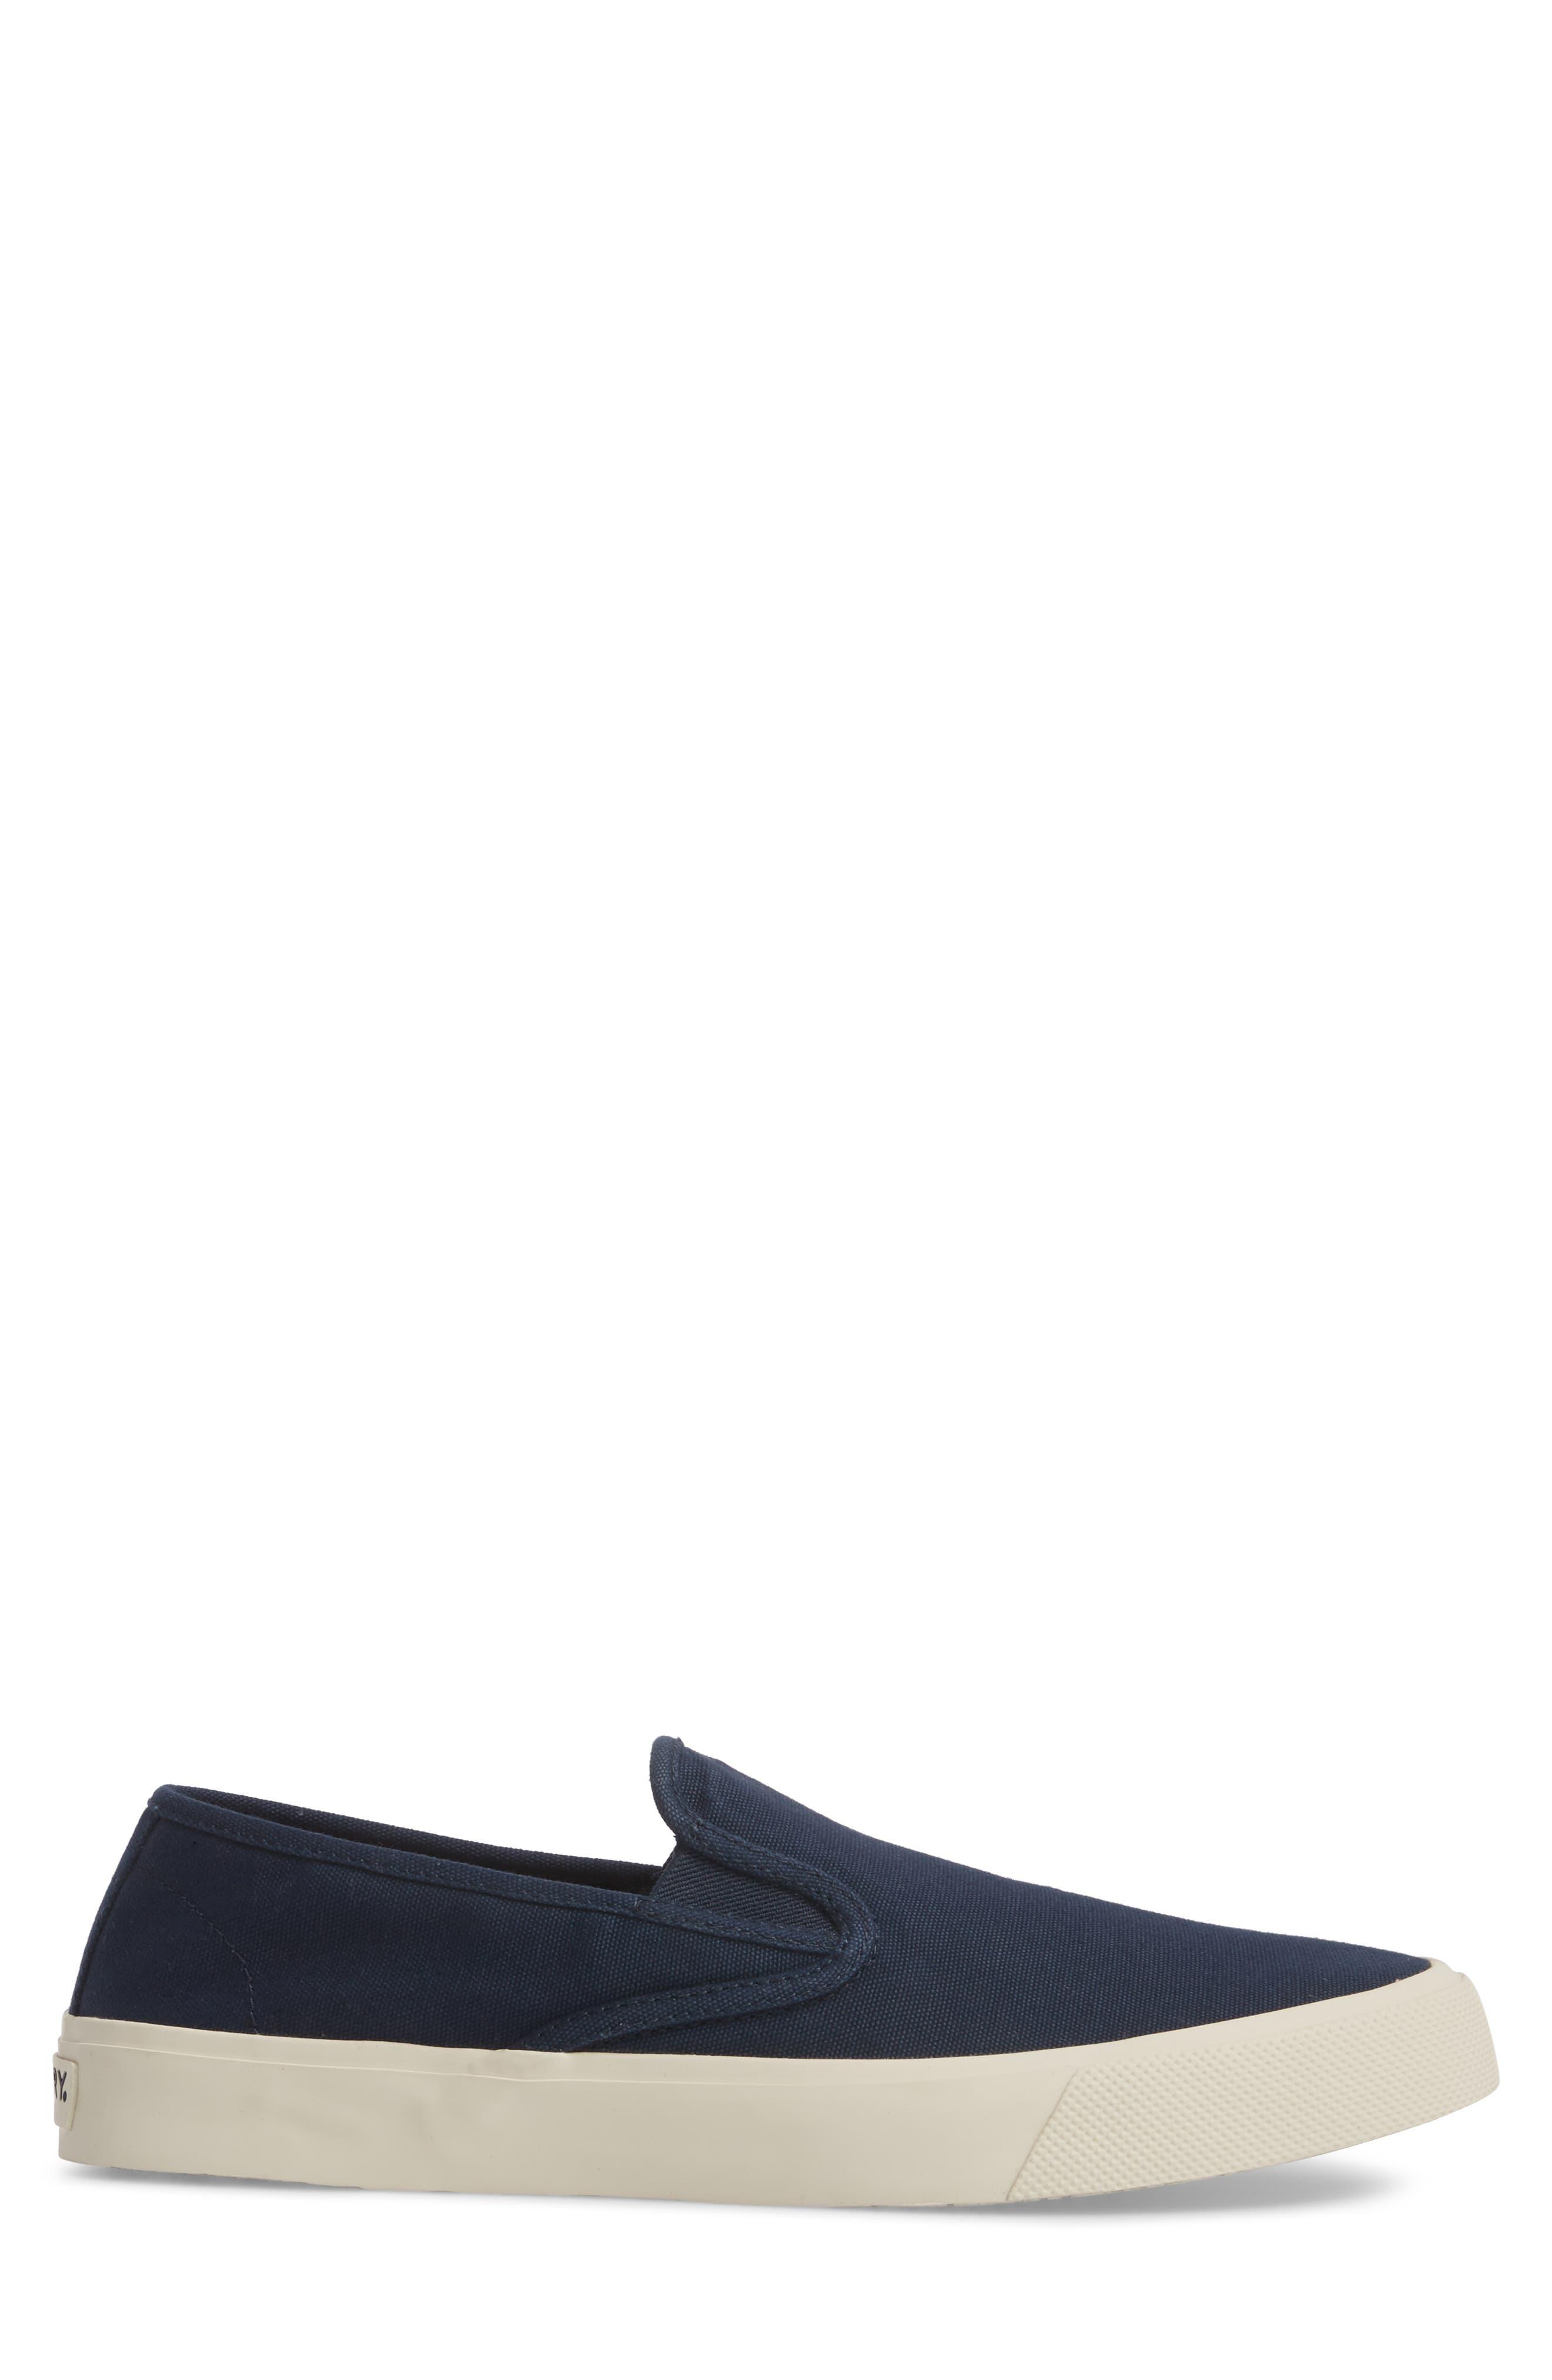 Striper II Slip-On Sneaker,                             Alternate thumbnail 3, color,                             Navy